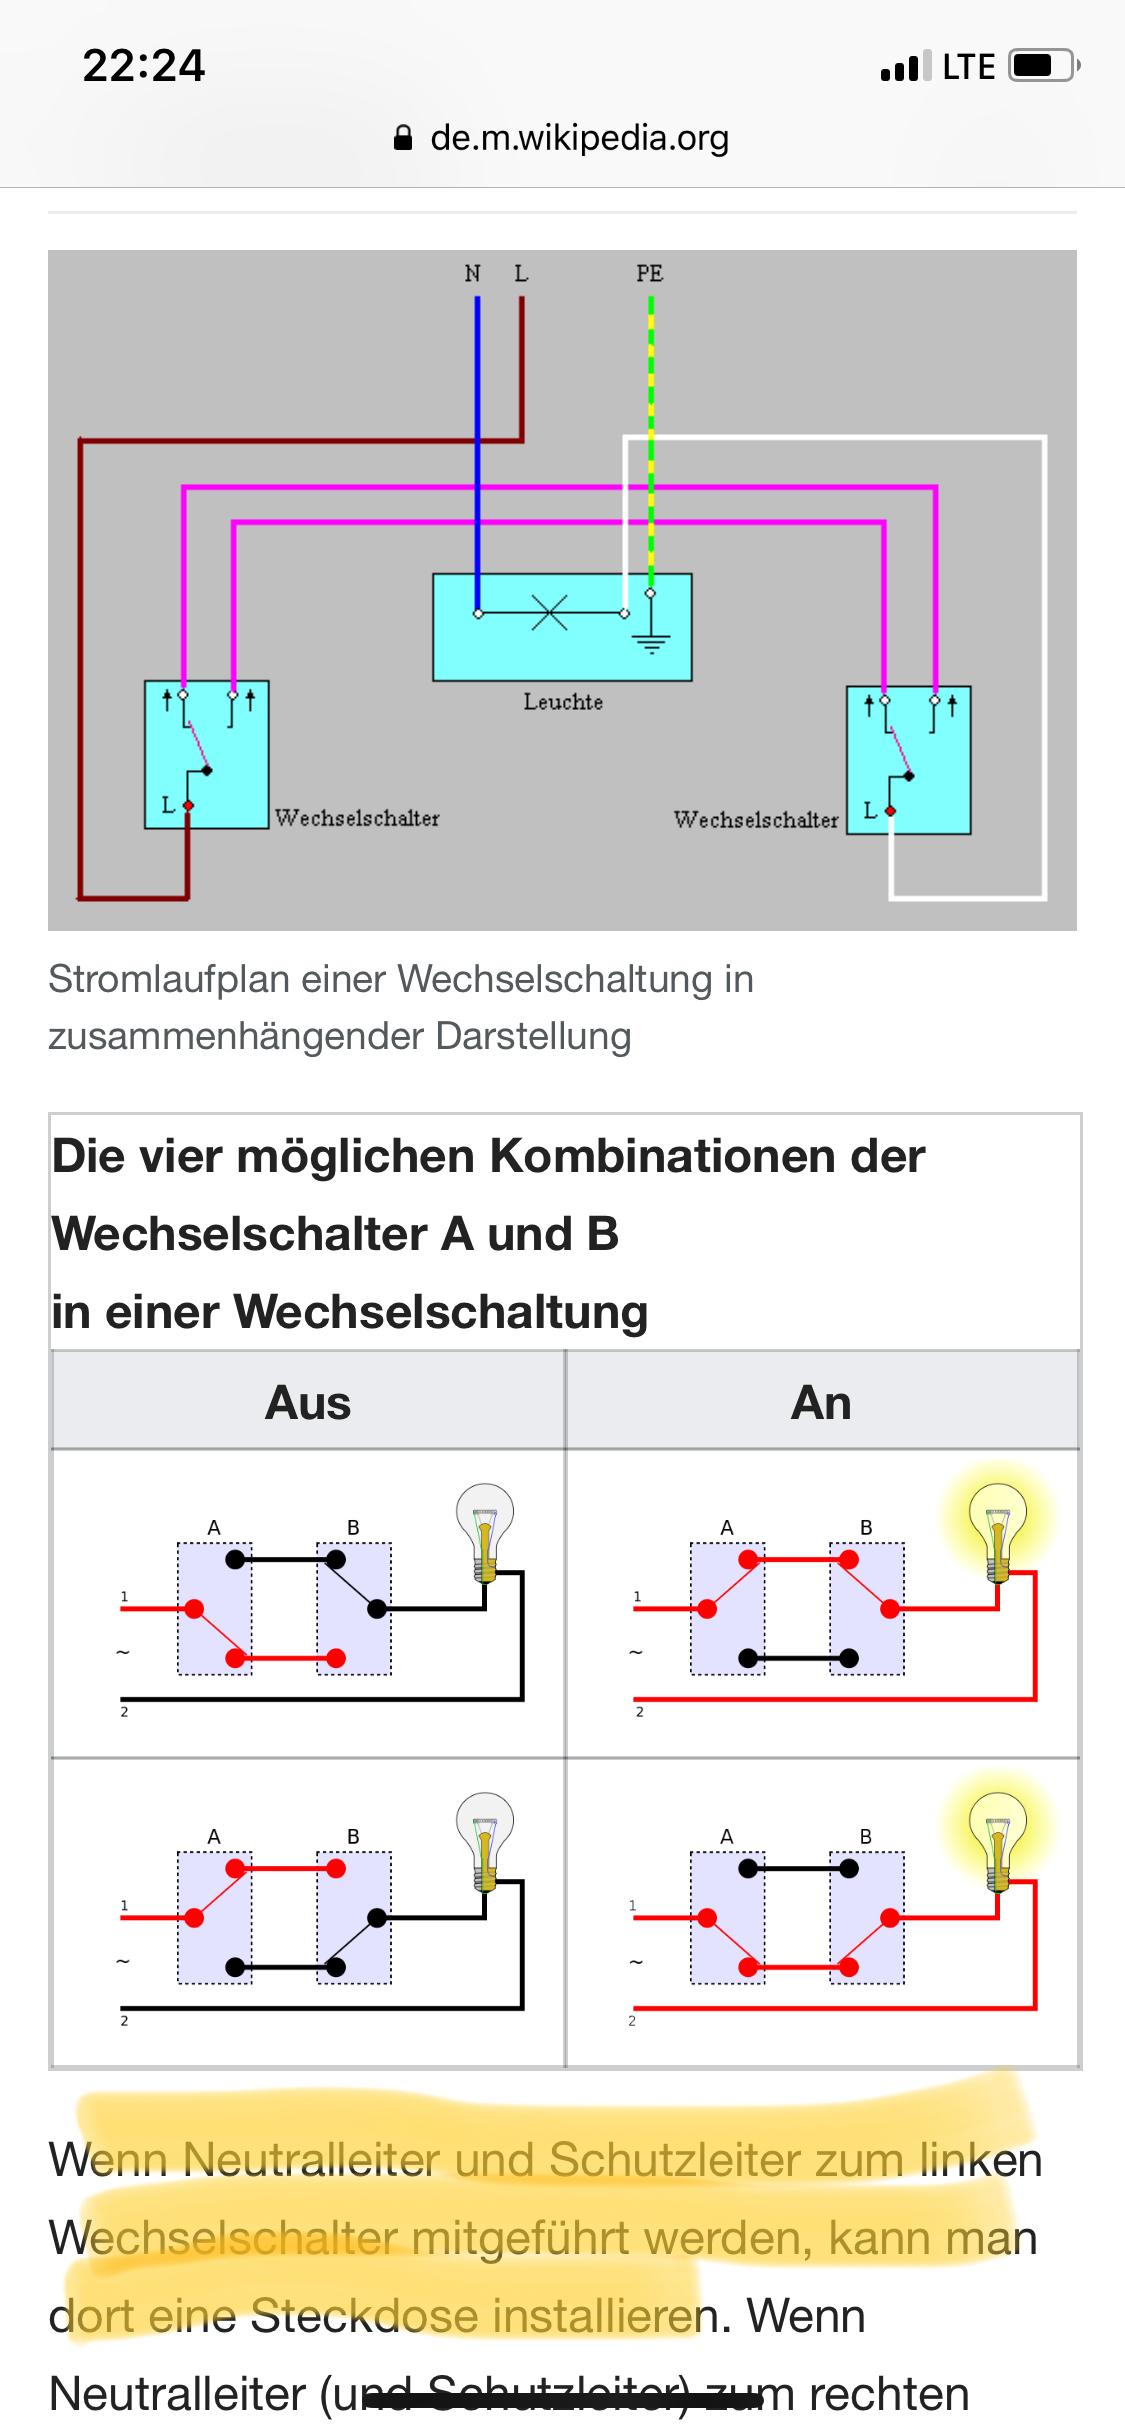 Schön Wie Man Zweiwegeschalter Verdrahtet Galerie - Der Schaltplan ...